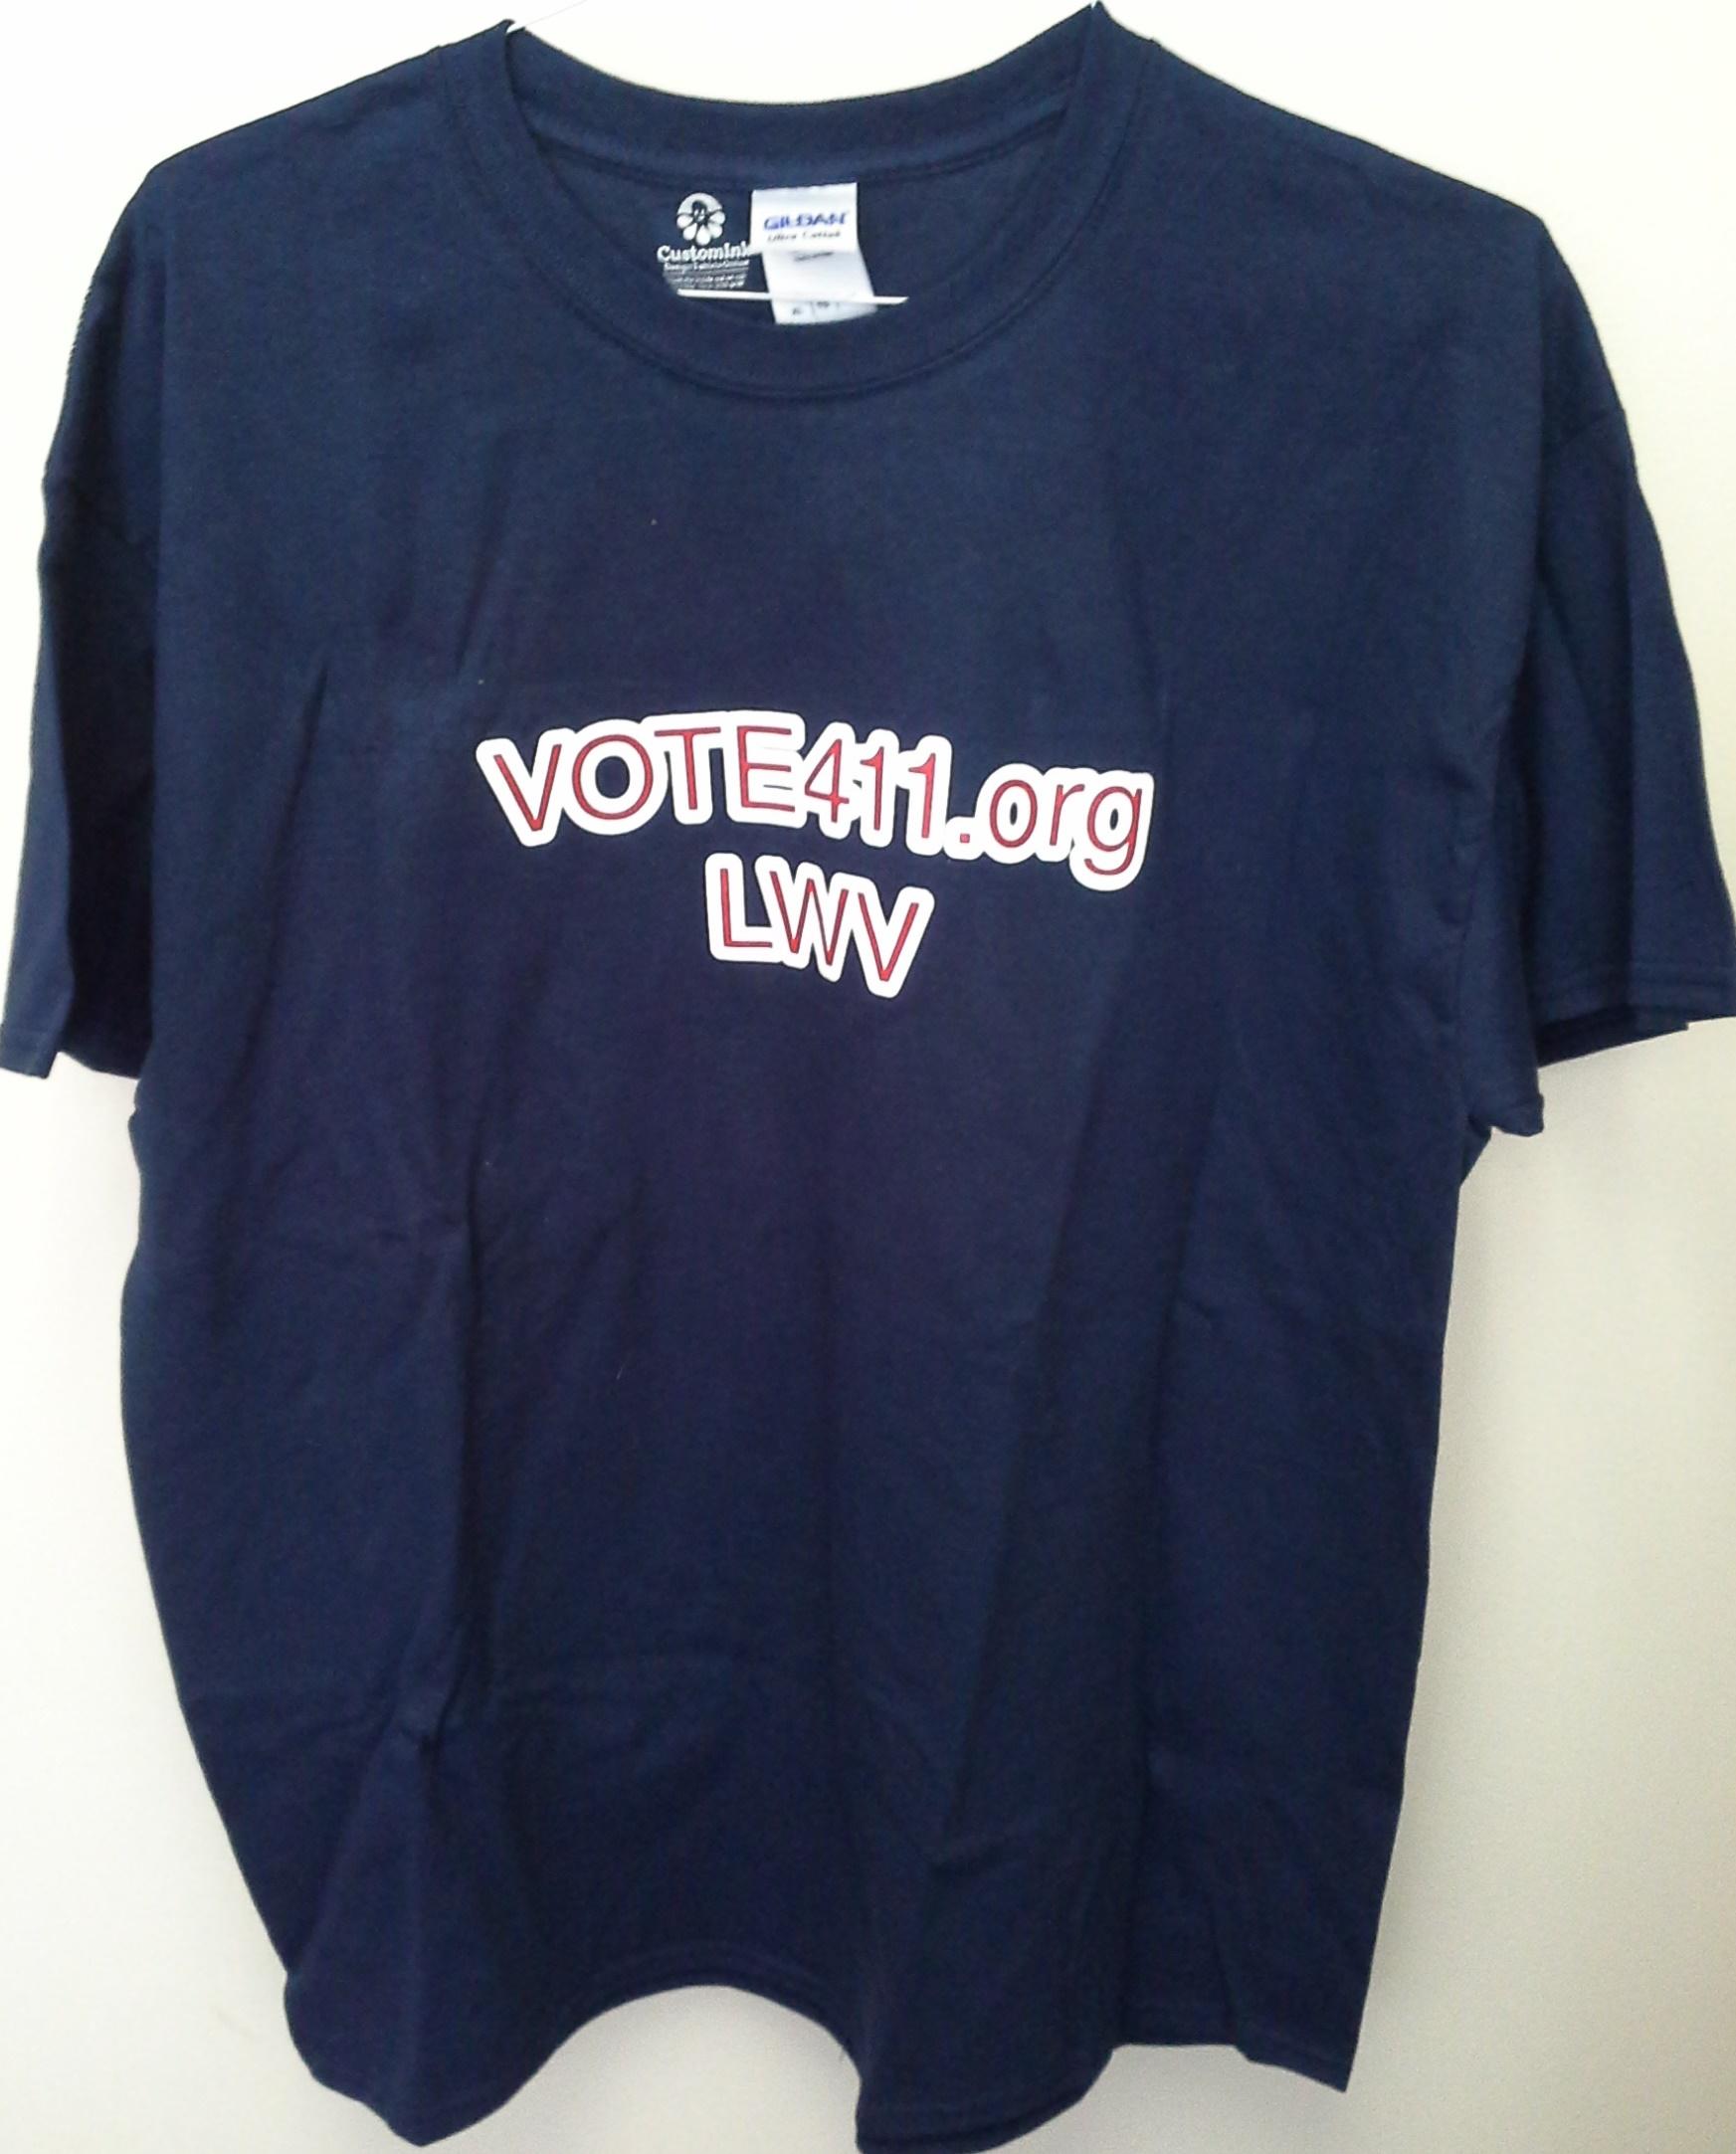 Vote 411 Navy Tee